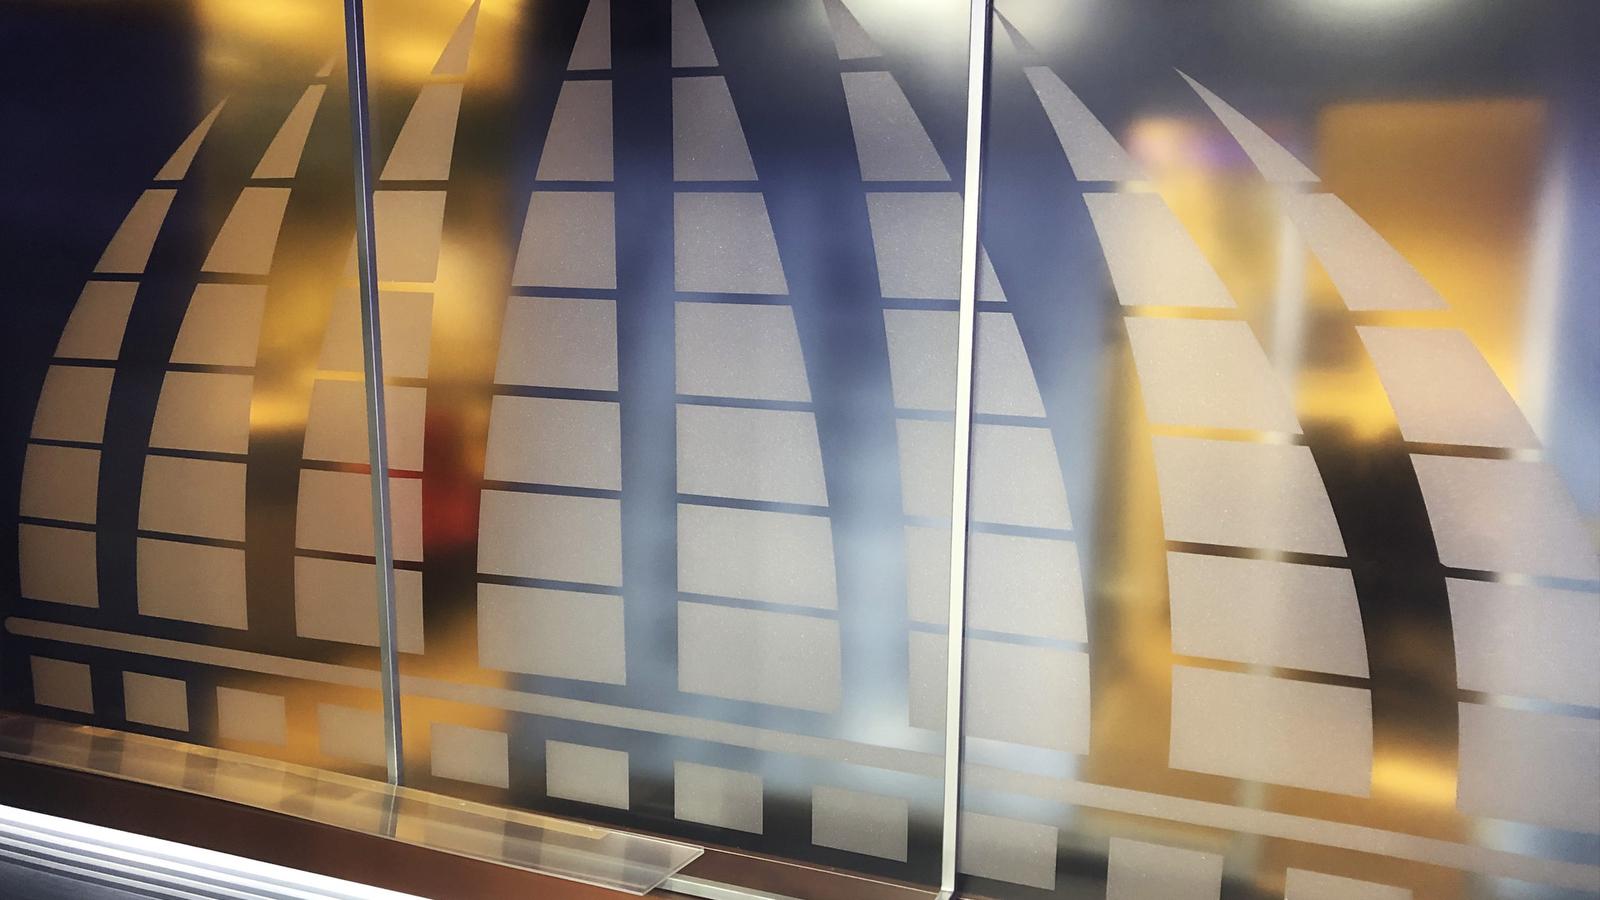 NCS_News-3-Now-WISC-TV_Studio_004